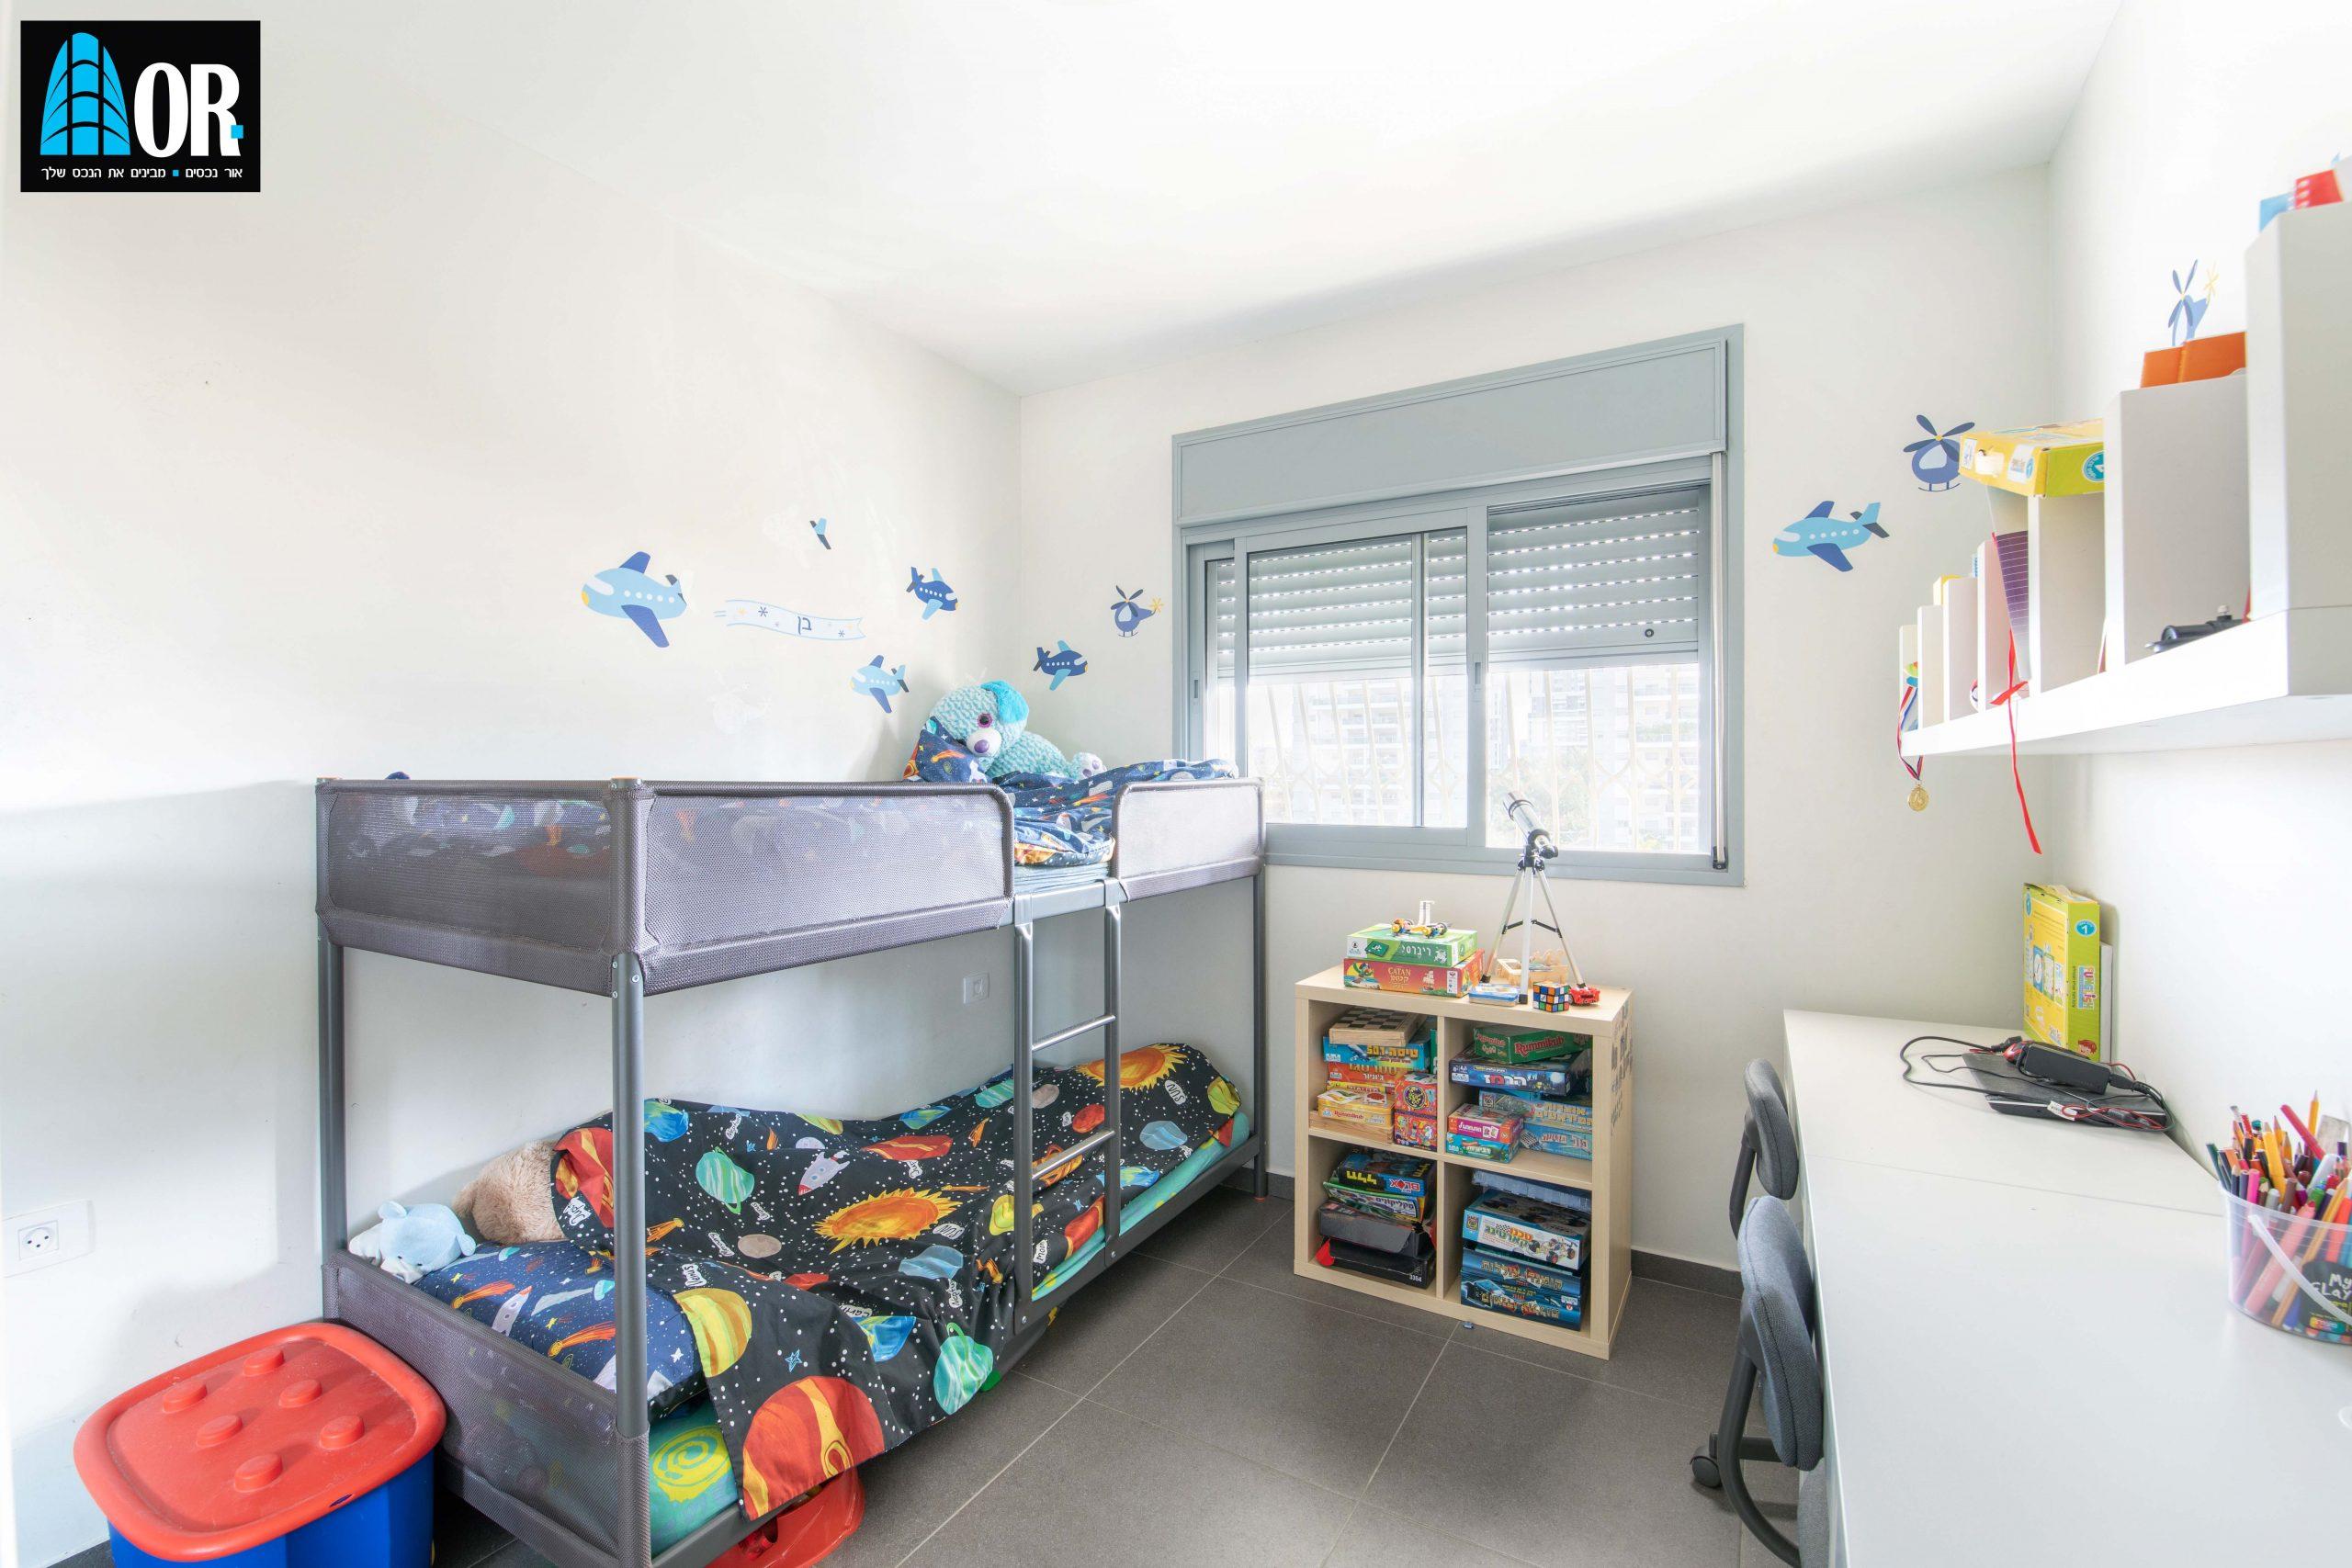 חדר ילדים דירה 5 חדרים, שכונה צמרות